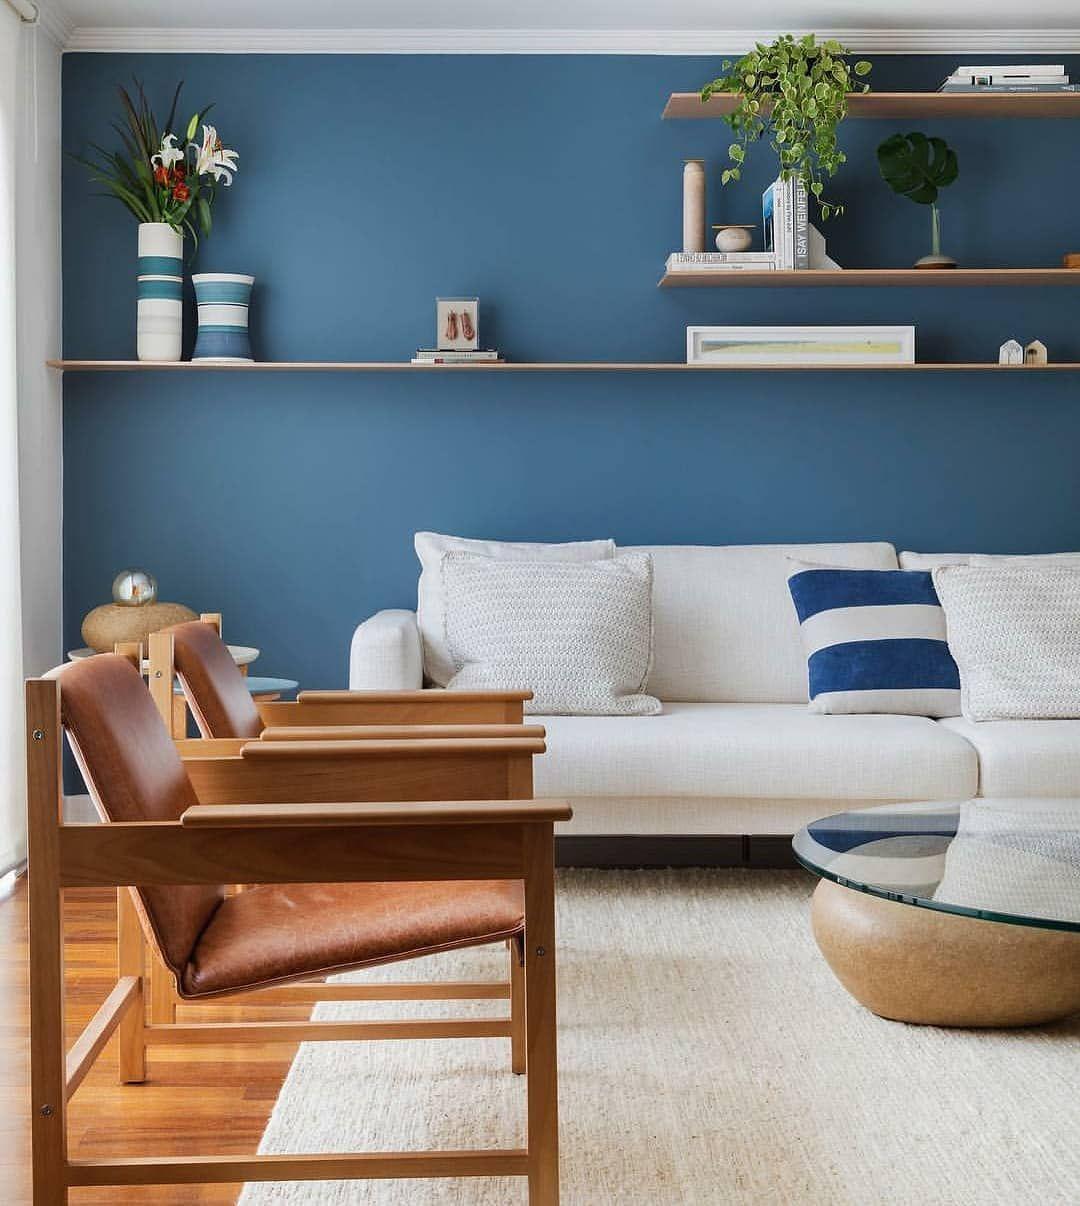 Amei essa parede azul 💙 A composição completa trouxe um ...